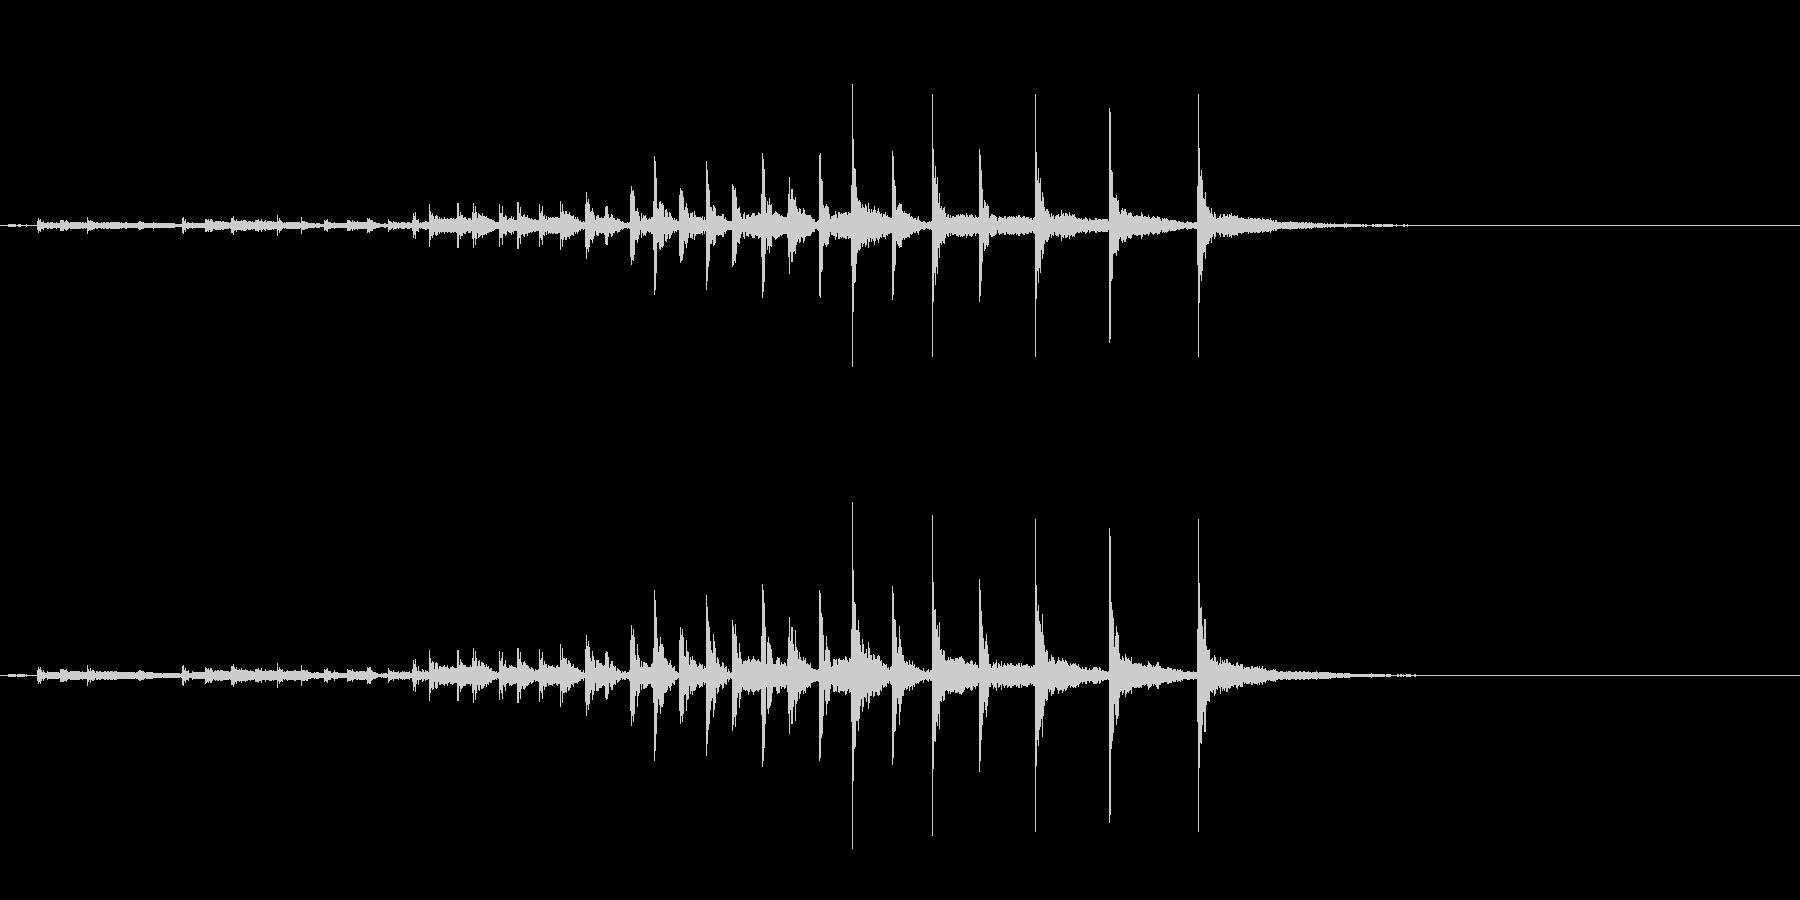 祭囃子や邦楽囃子の豆太鼓フレーズ音+FXの未再生の波形